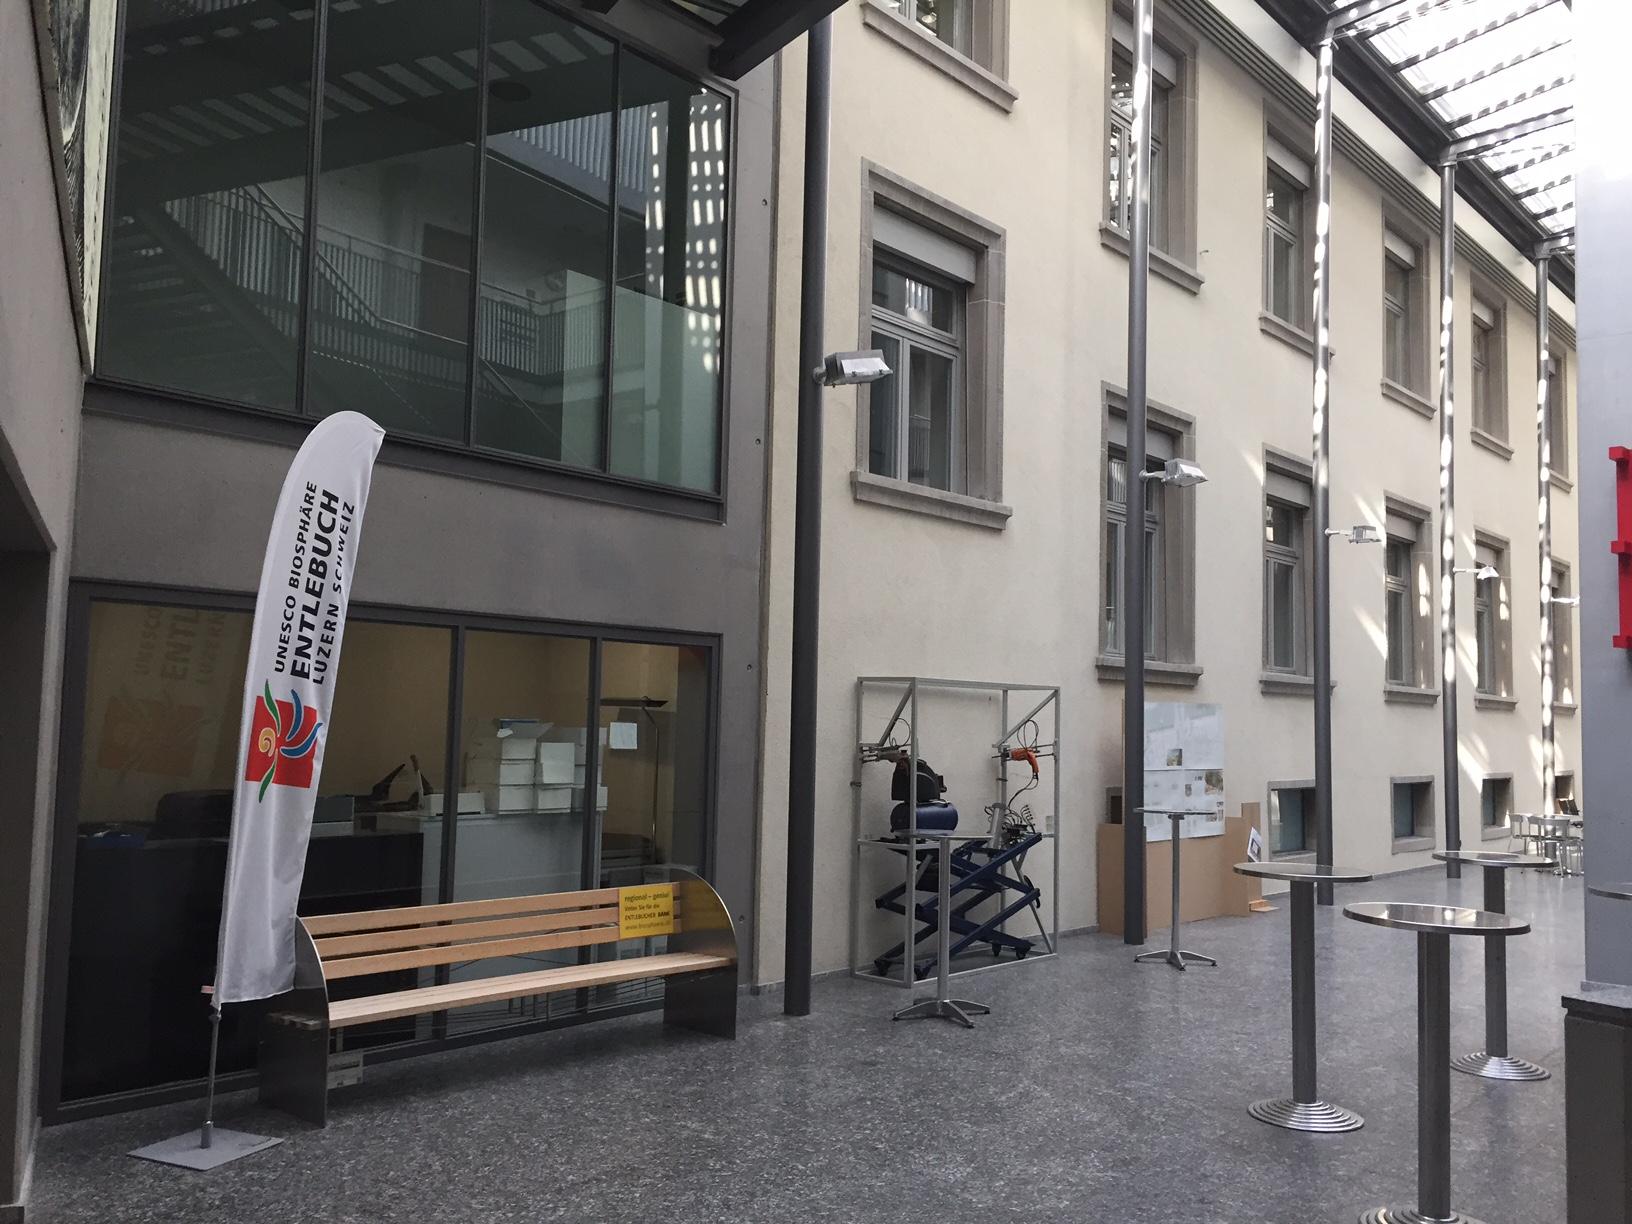 Das Entlebucher Bänkli wurde mittlerweile in den ersten Stock der Stadtverwaltung verbannt.